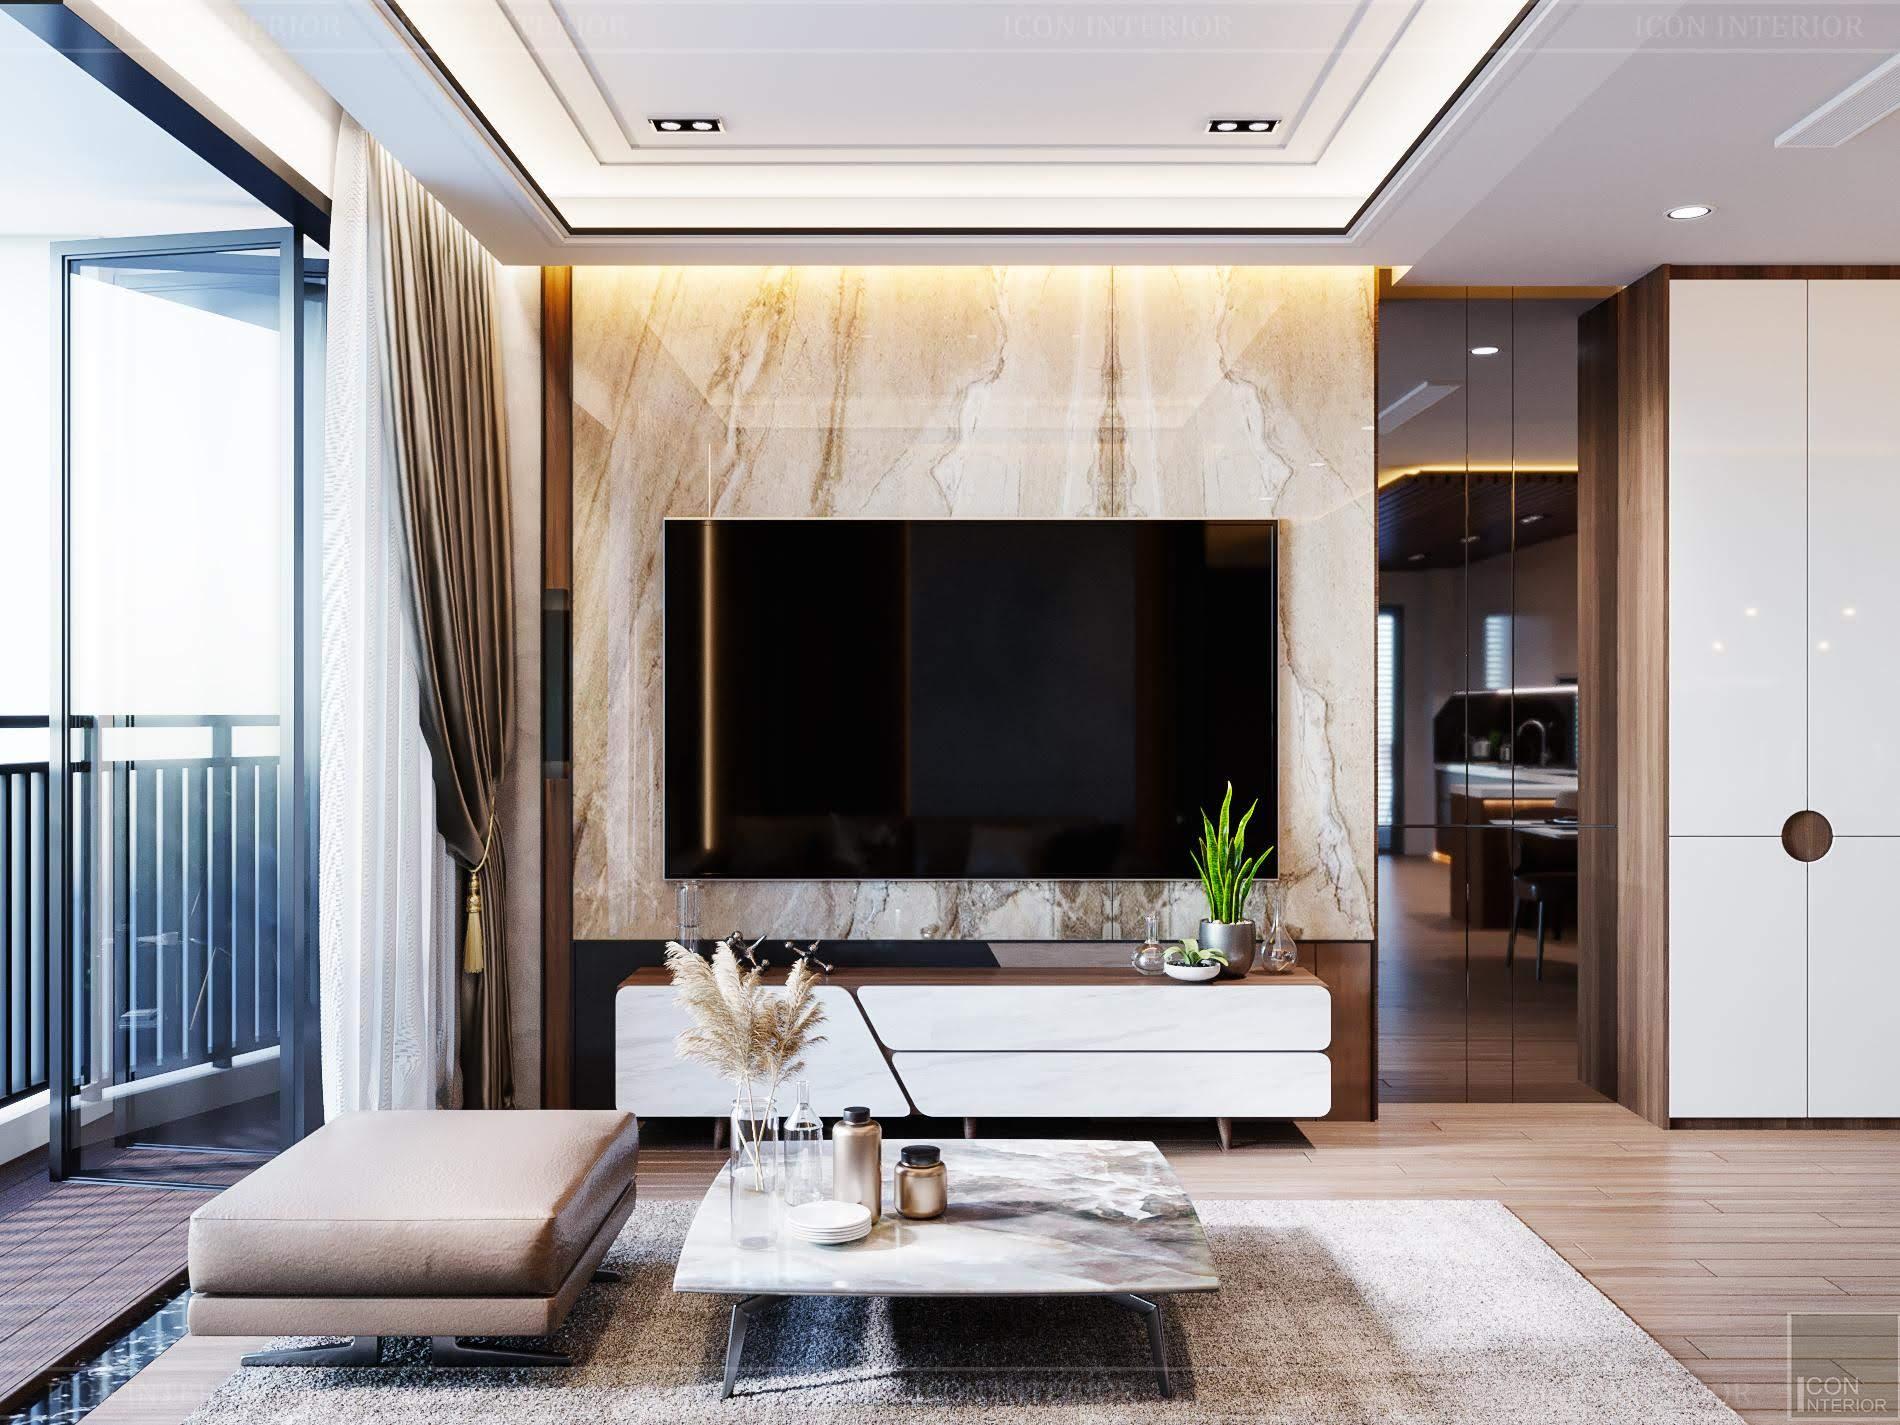 thiết kế nội thất phong cách hiện đại - phòng khách 1